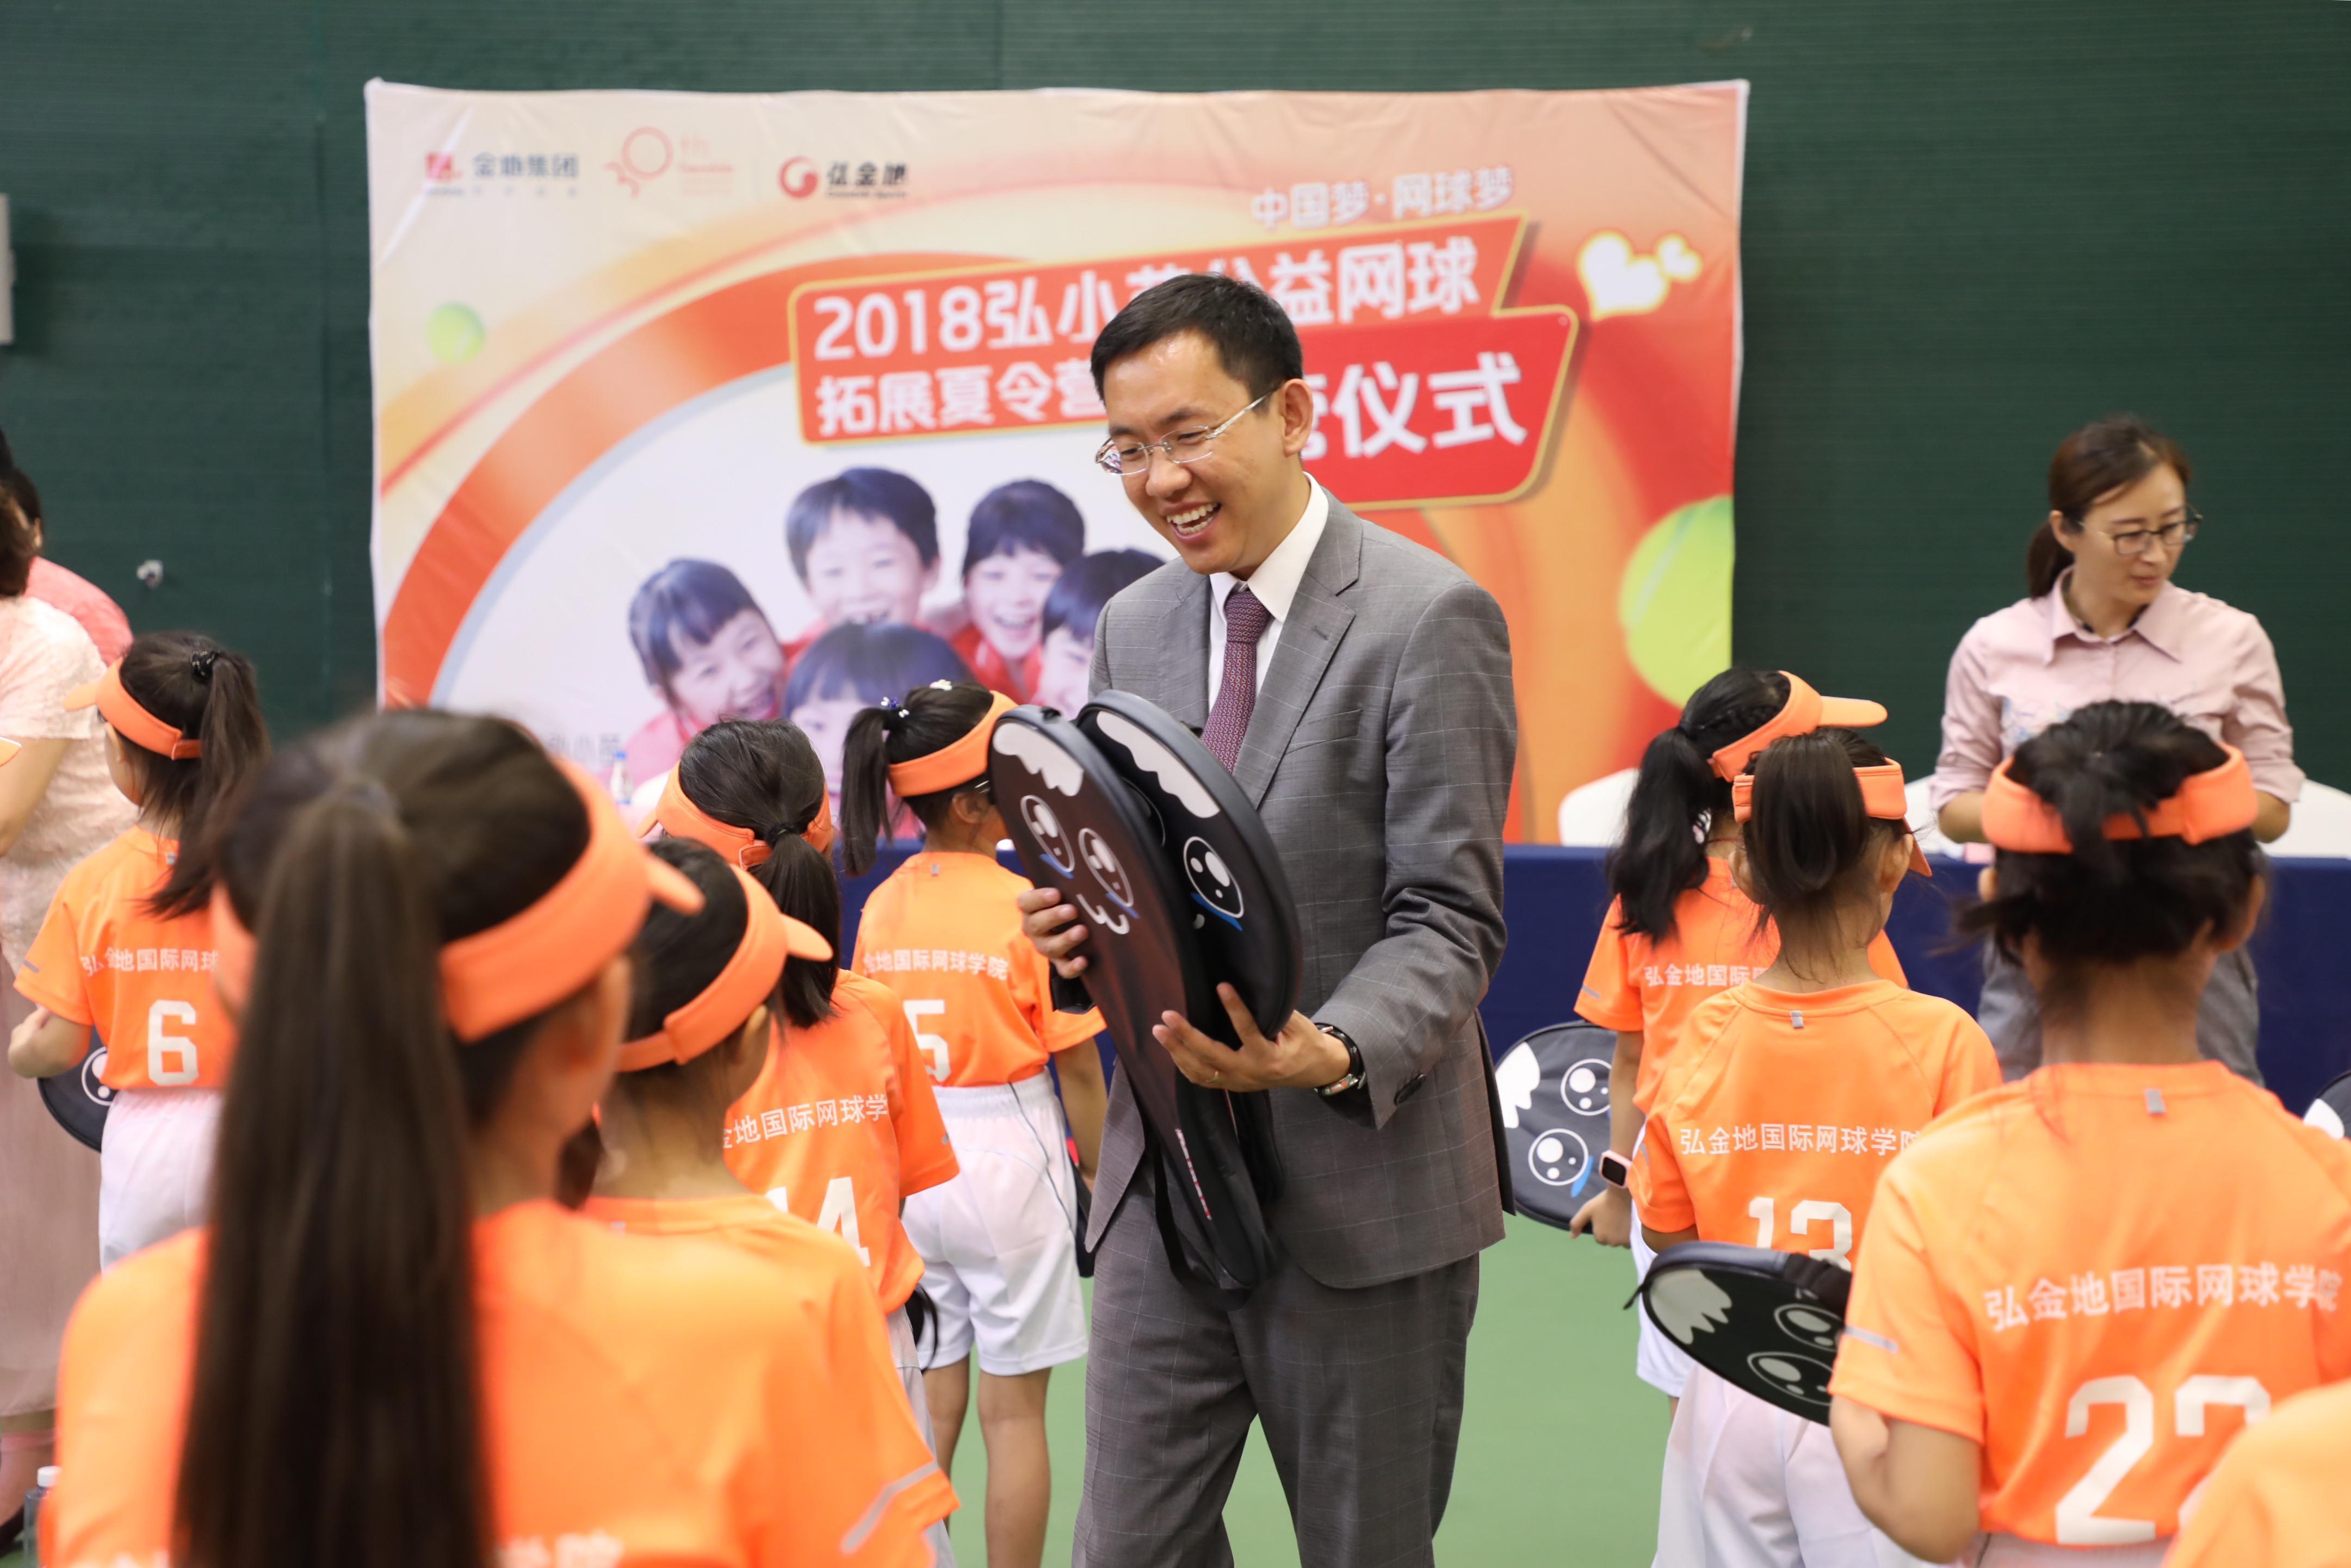 弘小苗网球拓展夏令营开营 让孩子们爱上网球